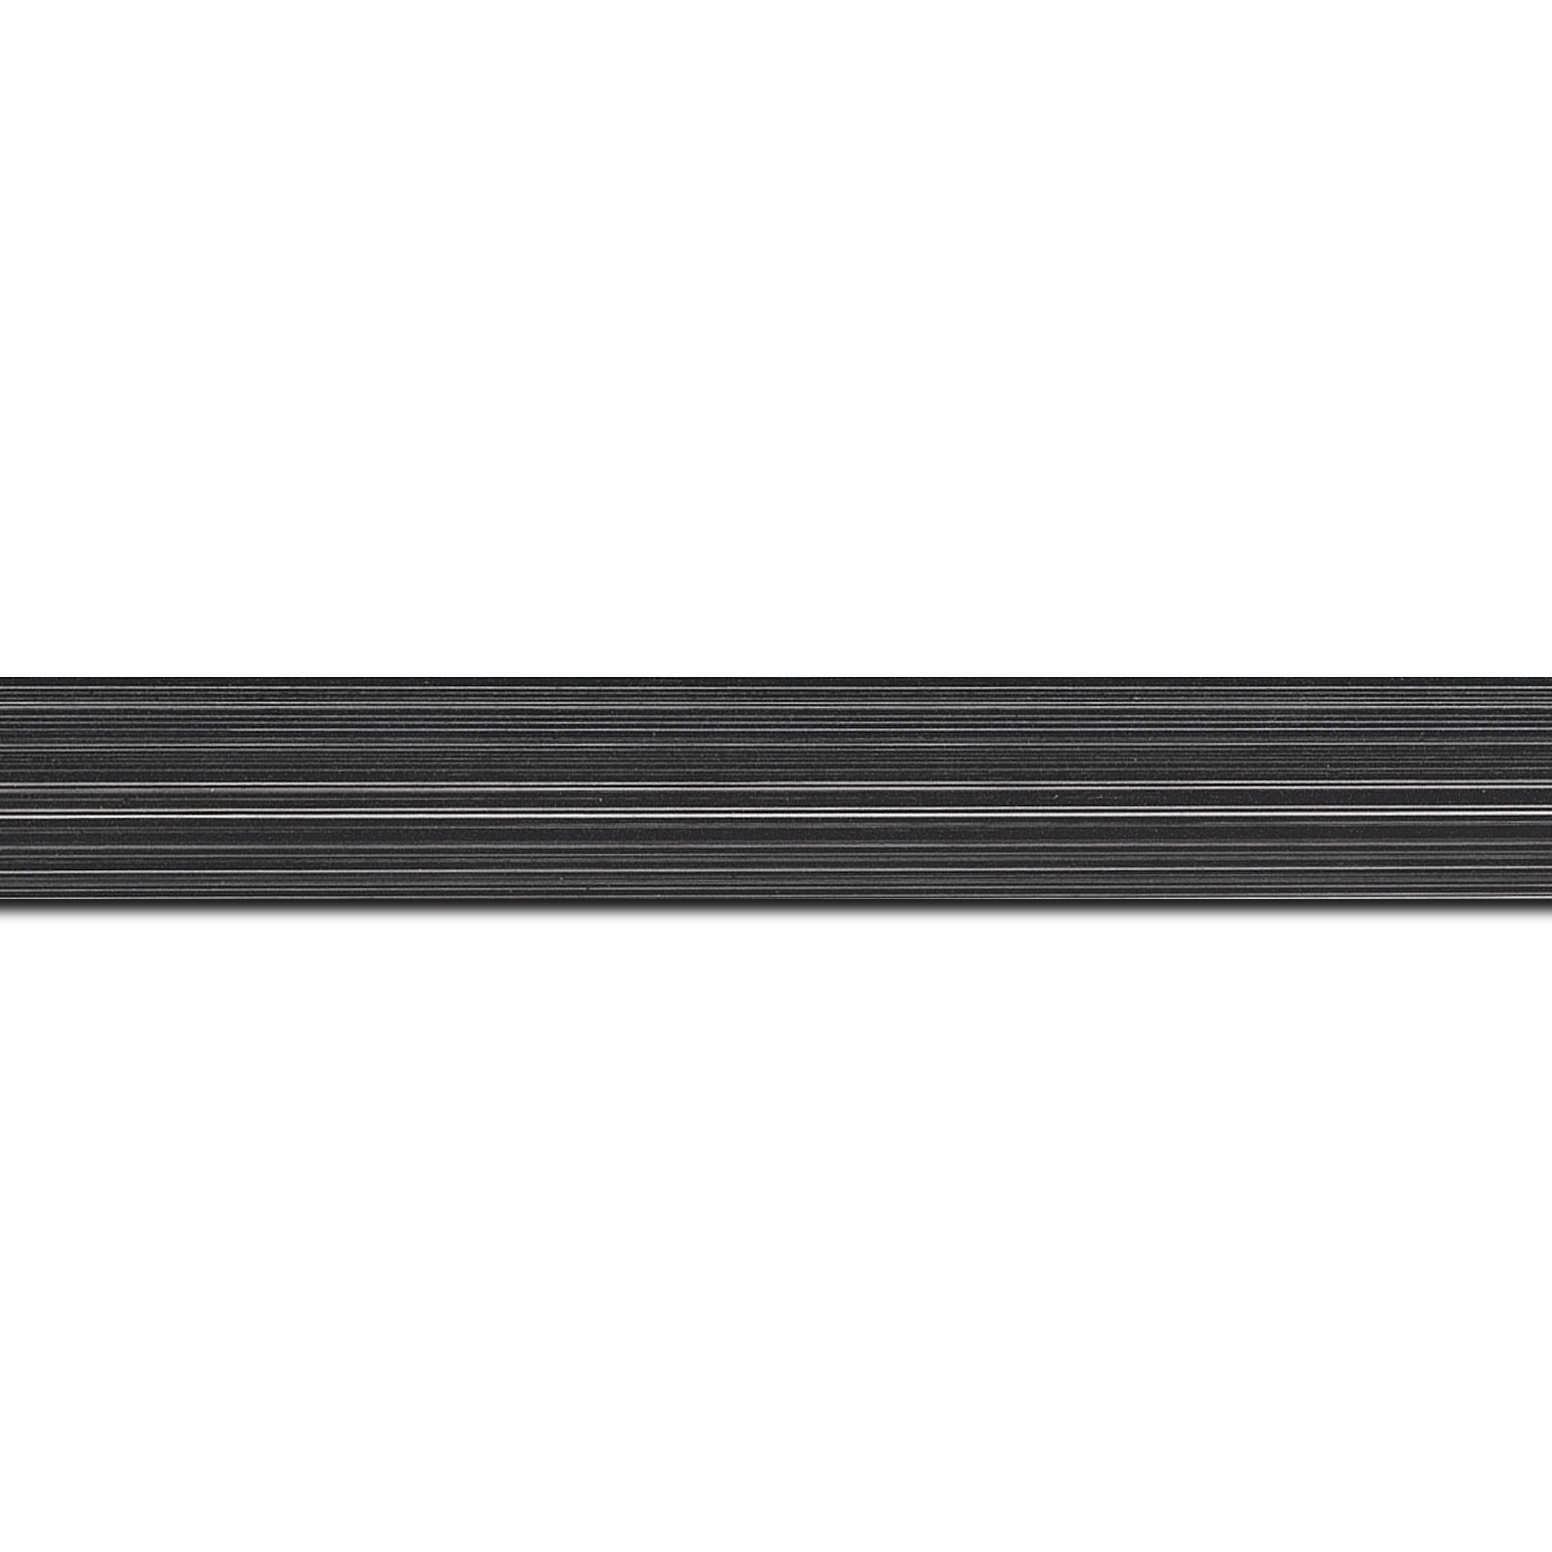 Baguette longueur 1.40m bois profil concave largeur 2.4cm couleur noir anthracite effet matière fond blanc